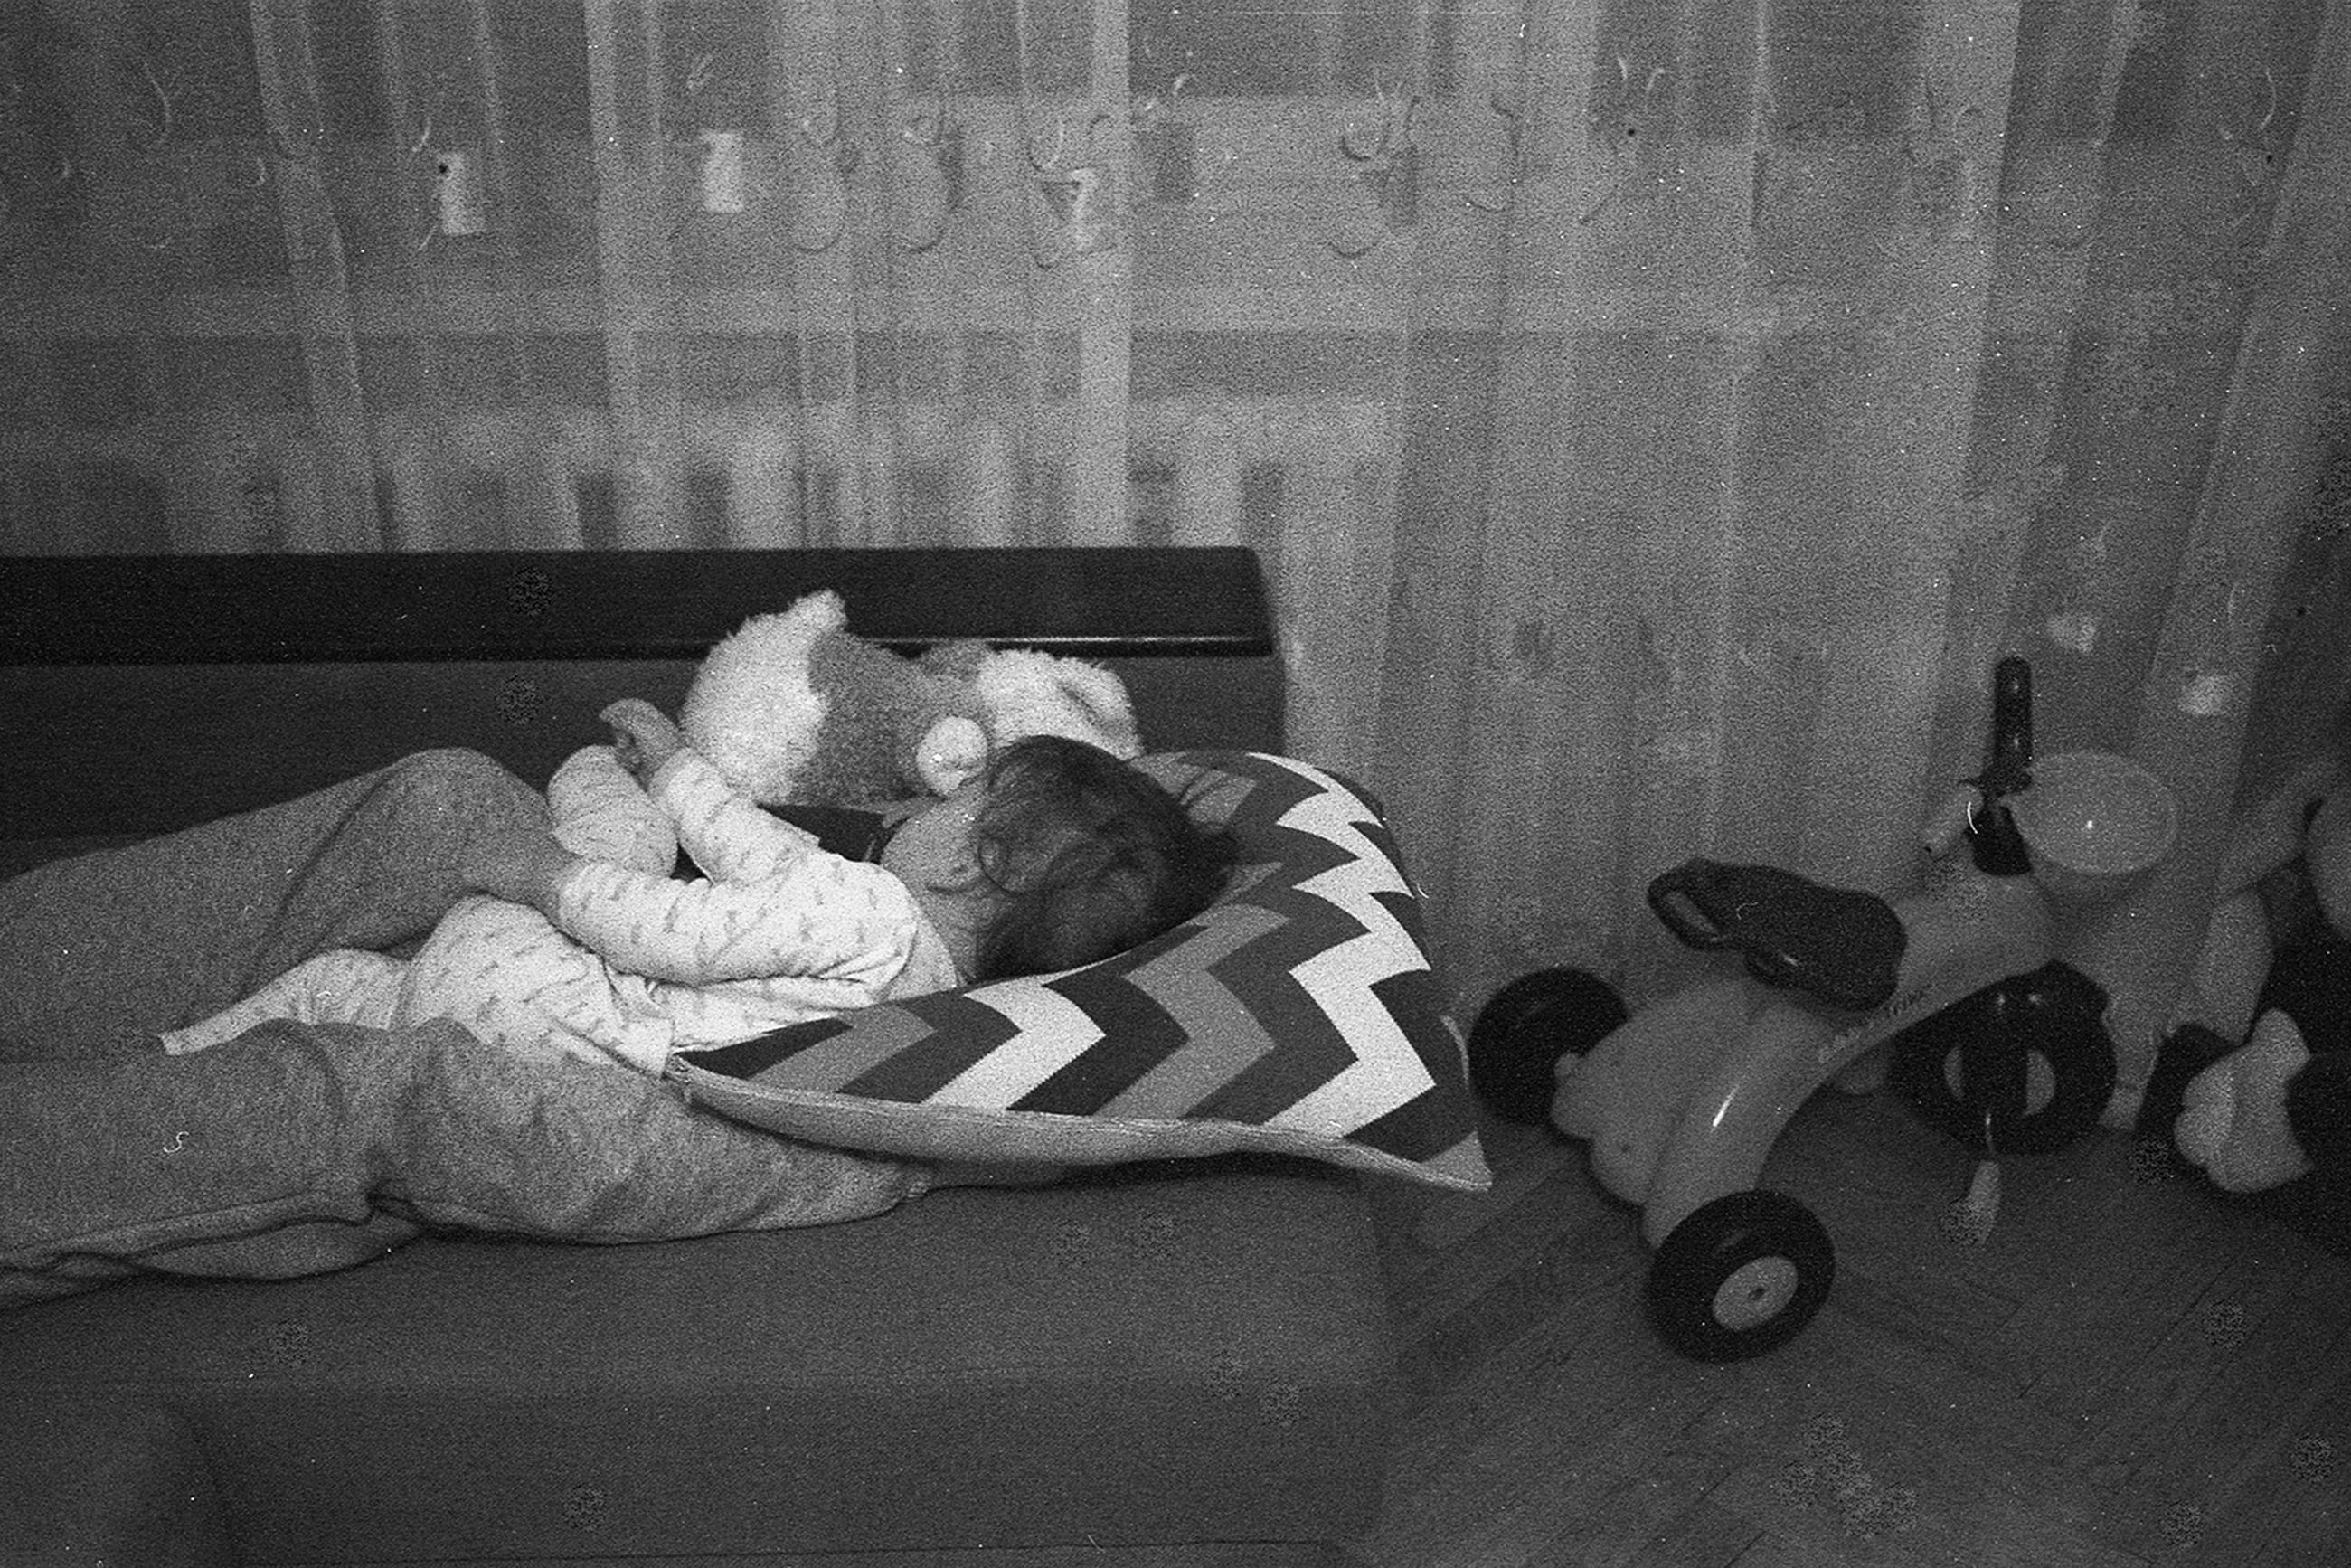 indoors, sleeping, no people, childhood, day